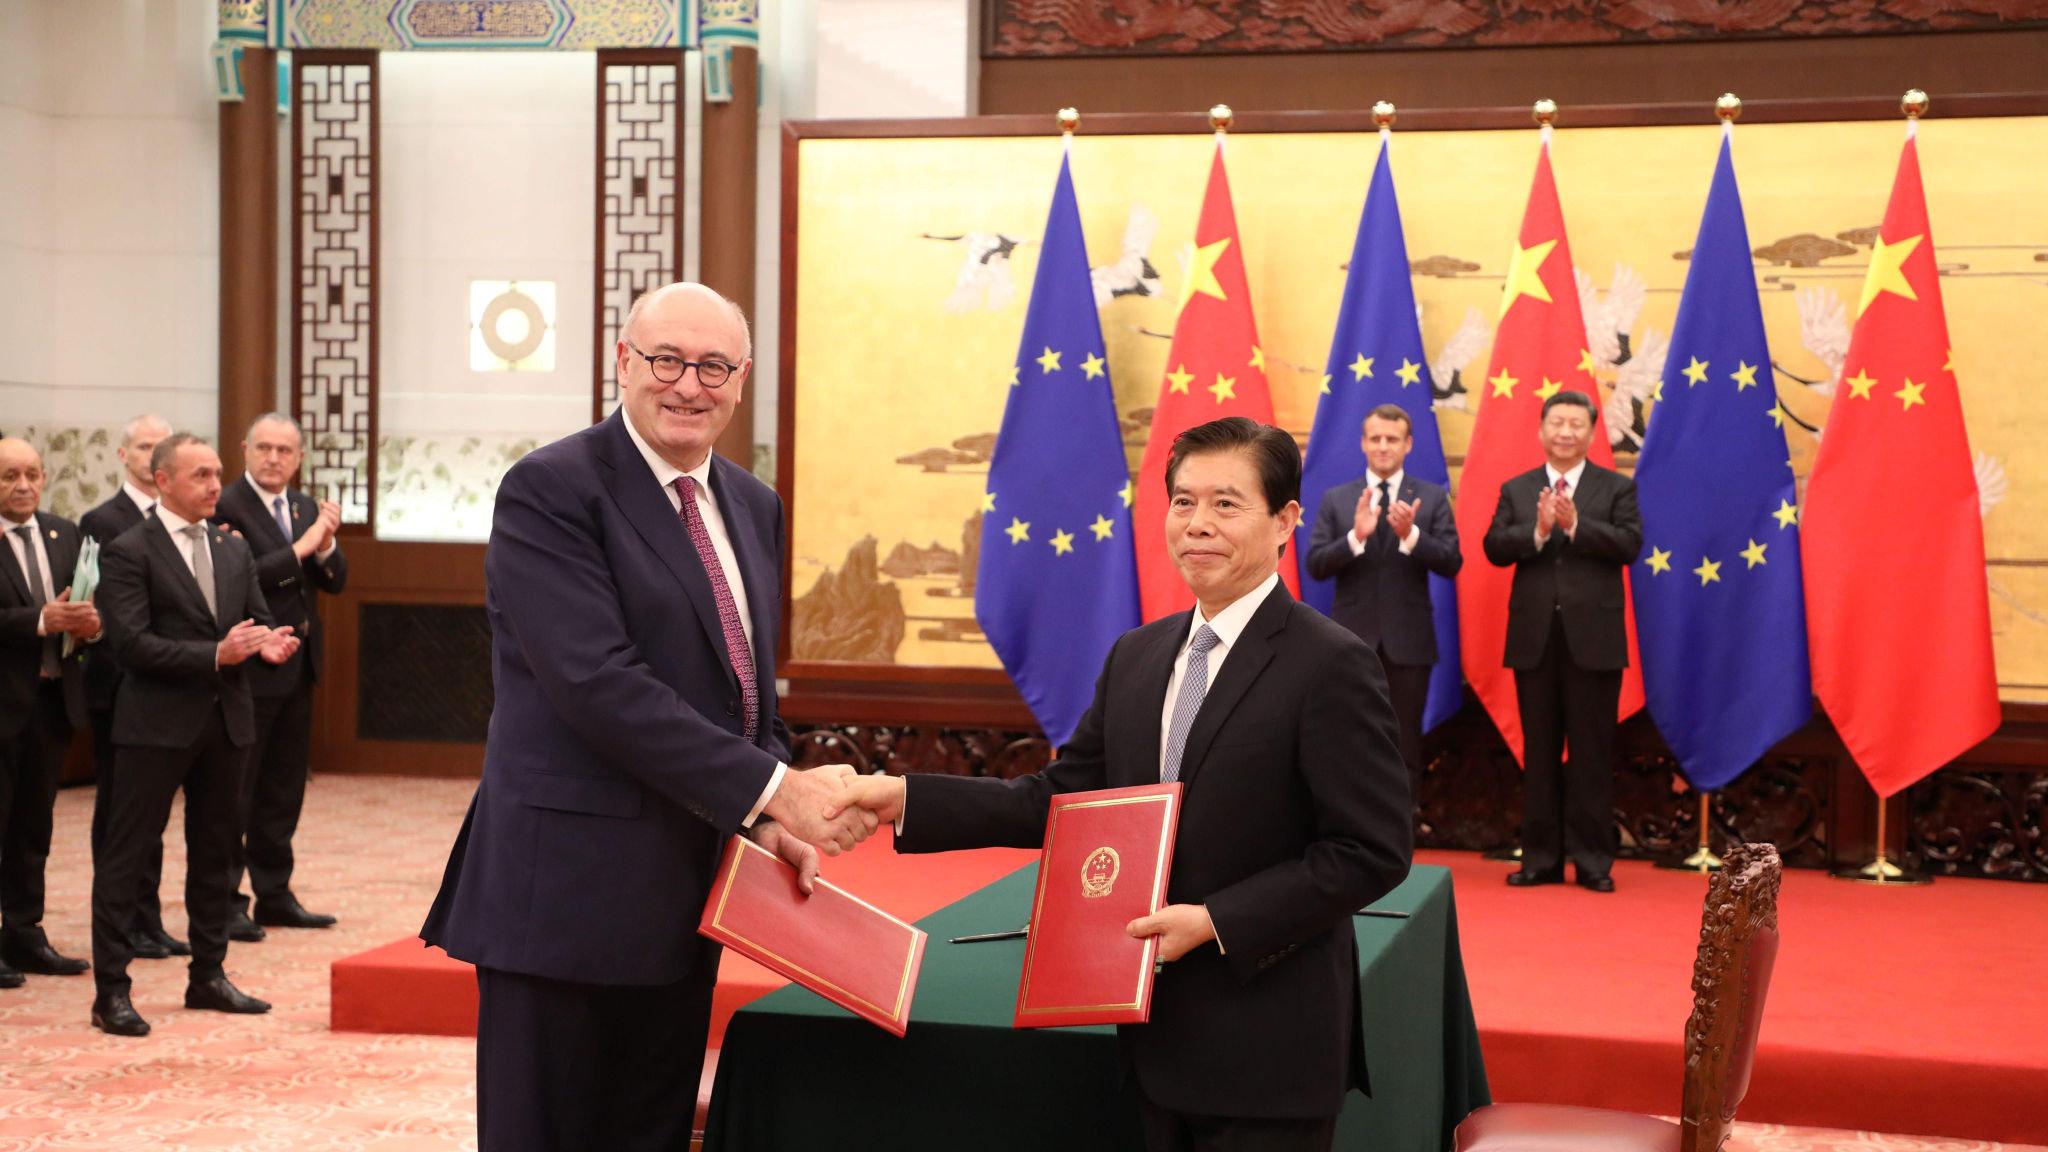 Desde la izquierda, el Comisario de Comercio de la UE designado Phil Hogan, el presidente francés Emmanuel Macron, el presidente chino Xi Jinping y el Ministro de Comercio chino Zhong Shan marcan una serie de acuerdos en el Gran Salón del Pueblo en Beijing. Foto: Reuters